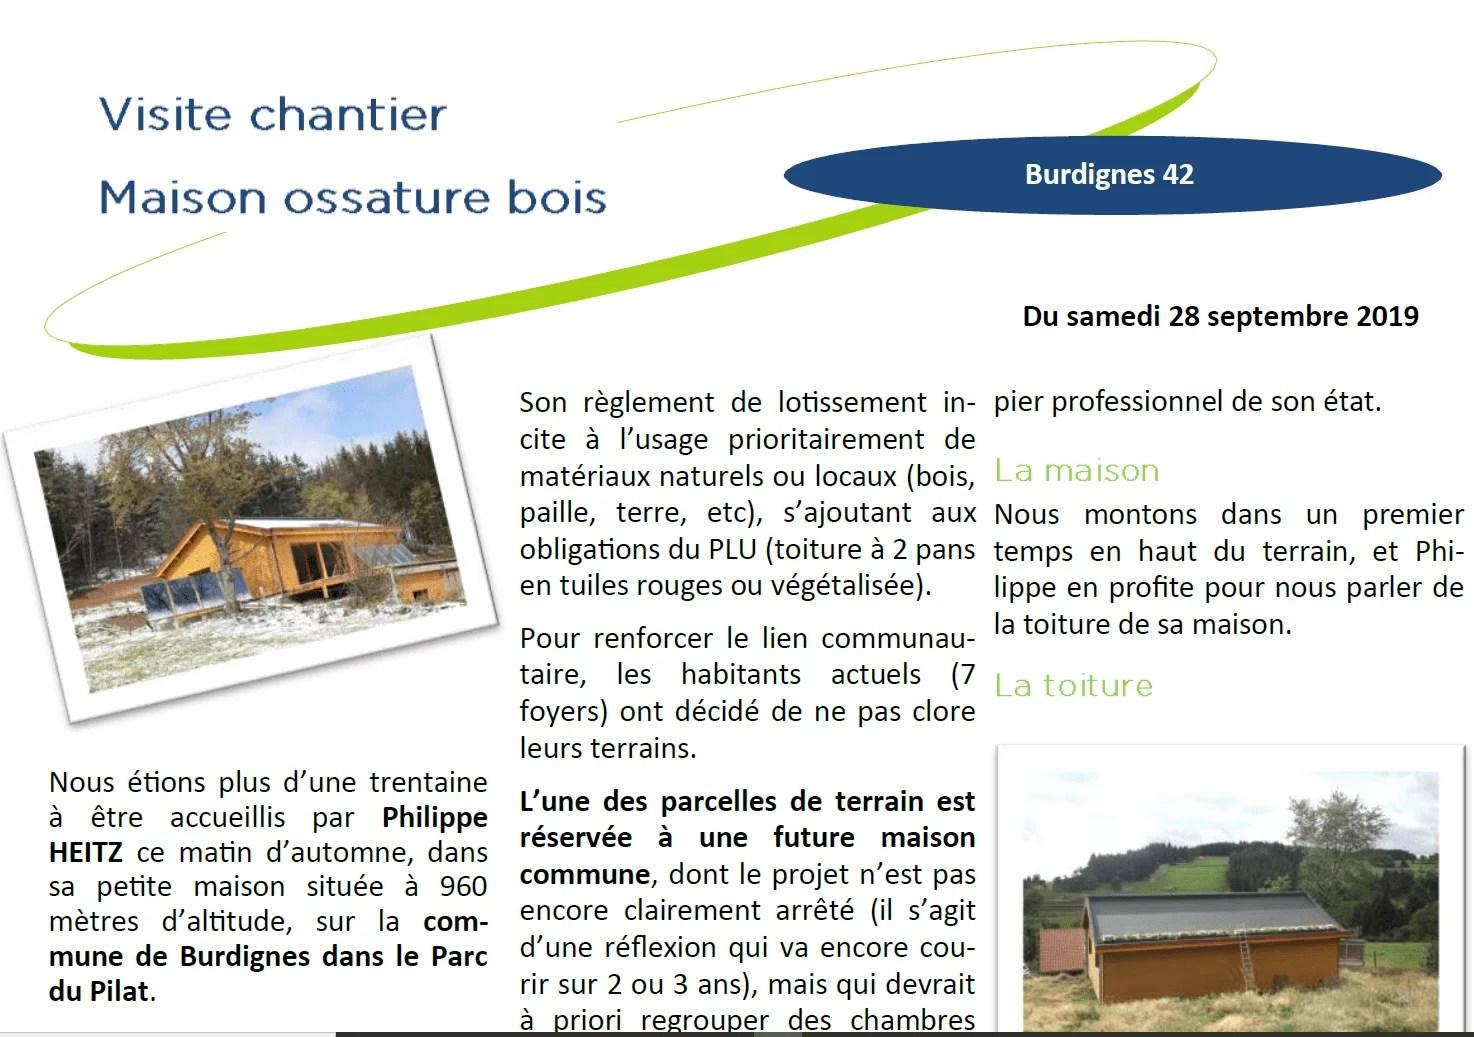 Visite chantier Ecohameau